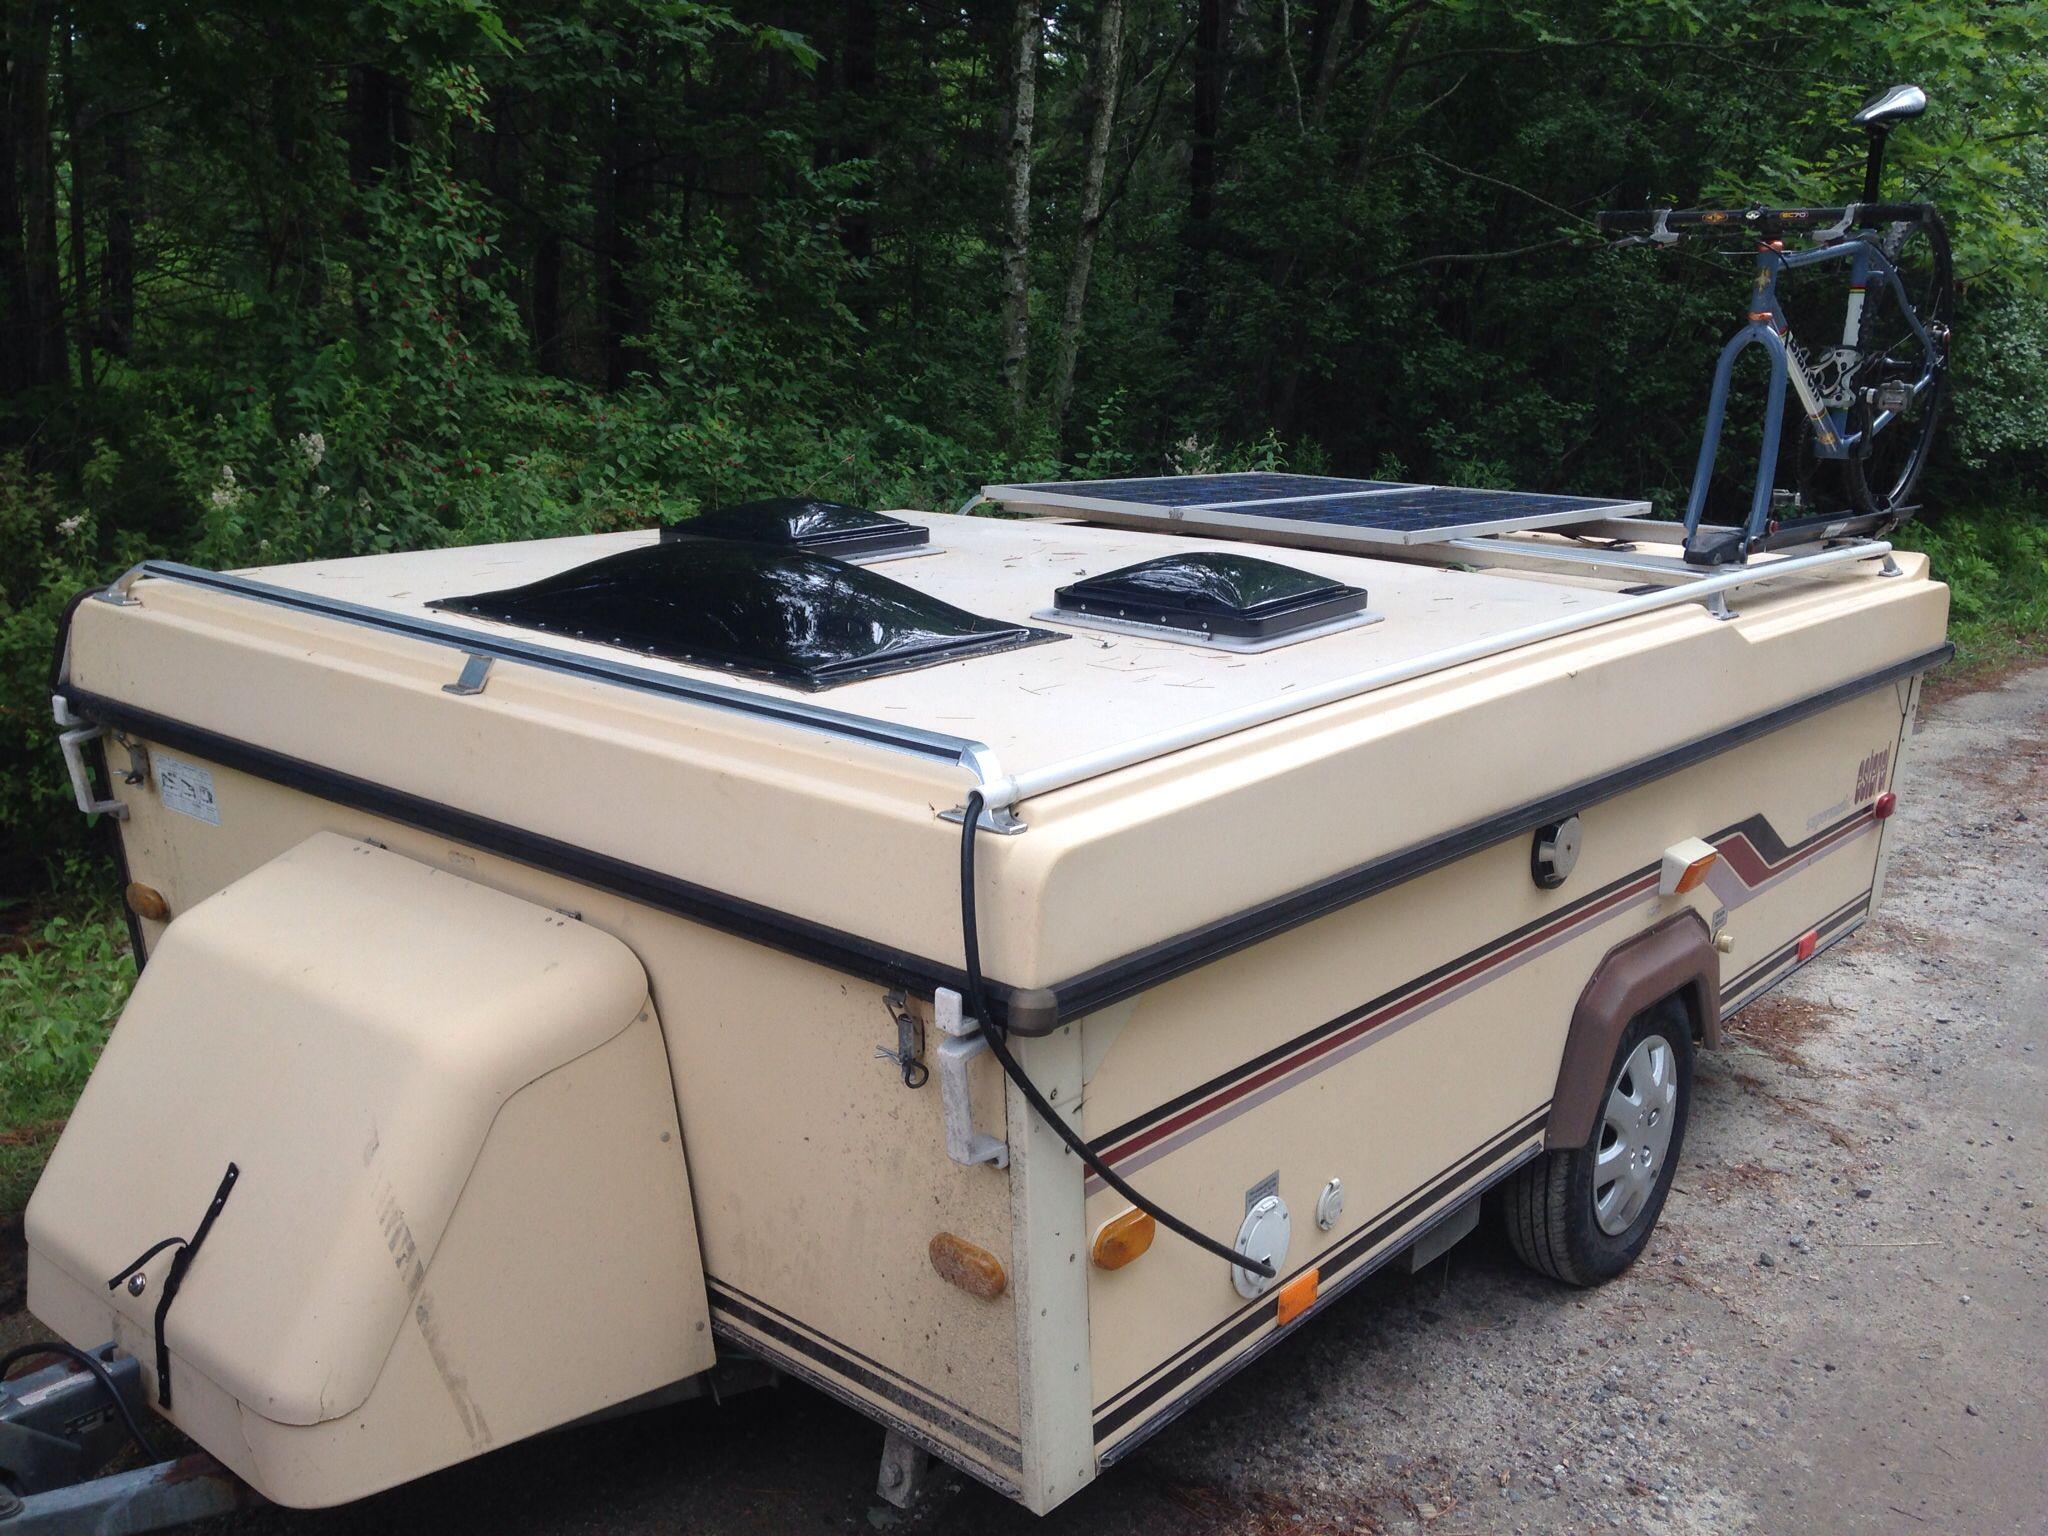 Esterel Folding Camper With Solar Panels And Bike Rack Folding